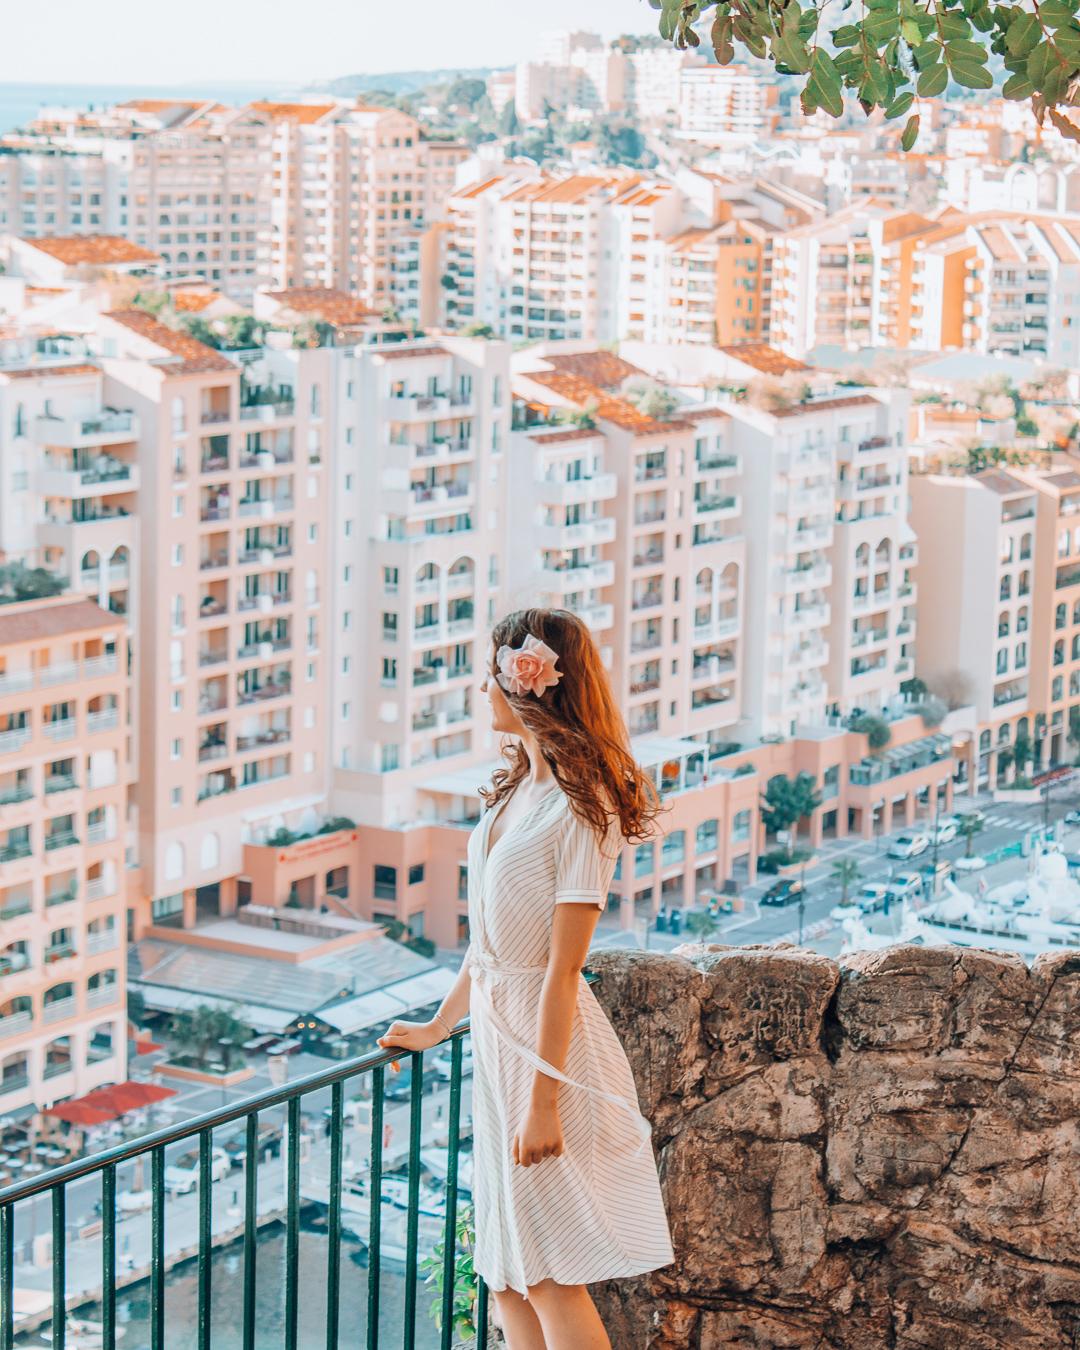 Girl looking at buildings